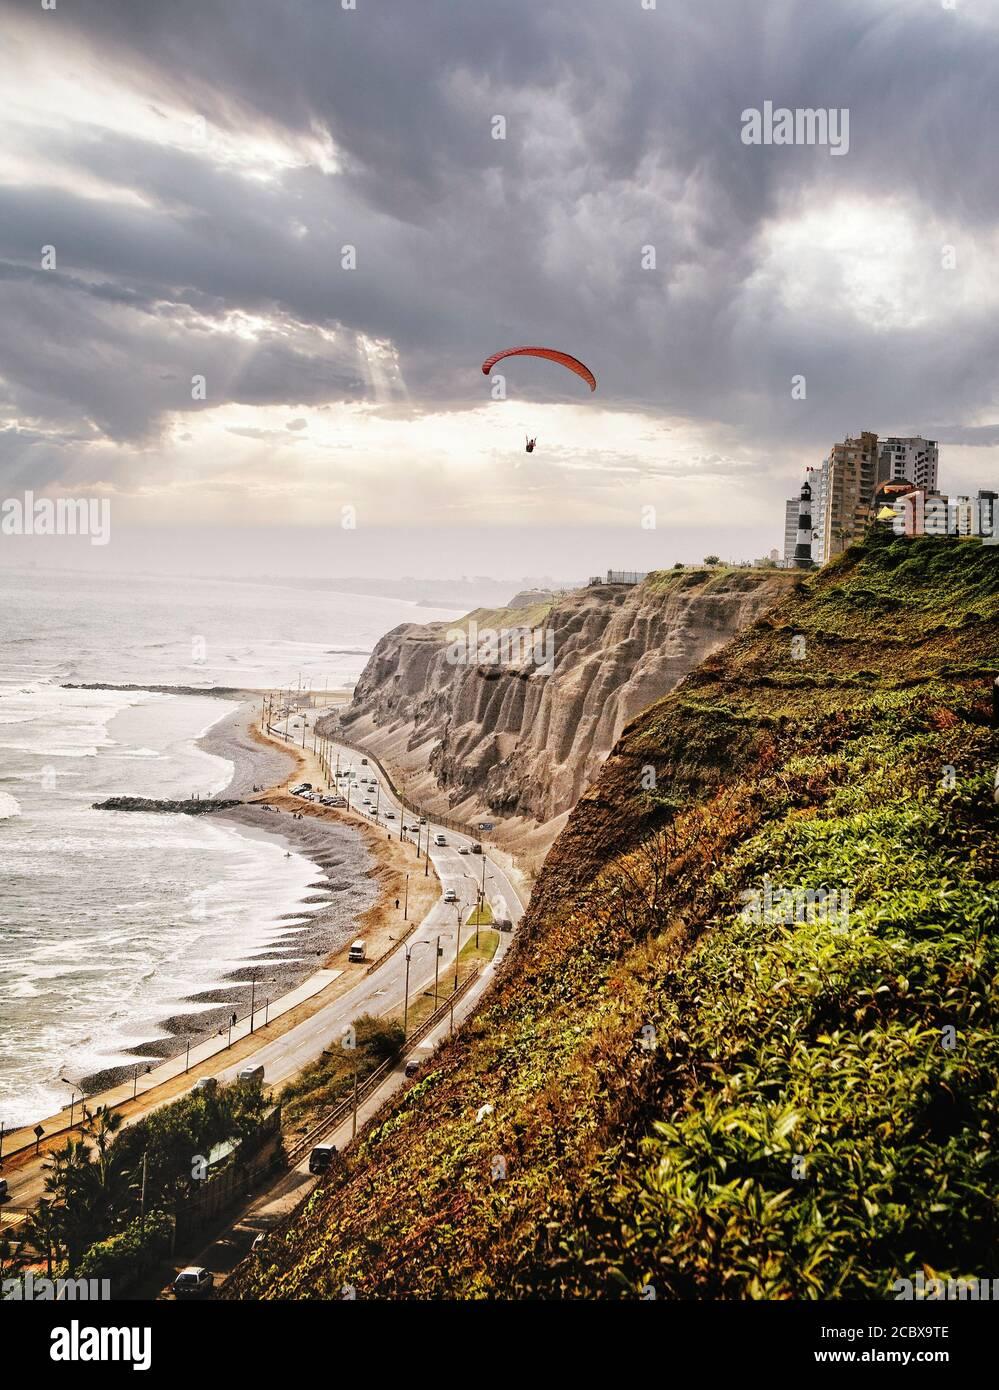 Drachenfliegen die aufziehenden Klippen entlang der Küste von Lima, Peru. Stockfoto